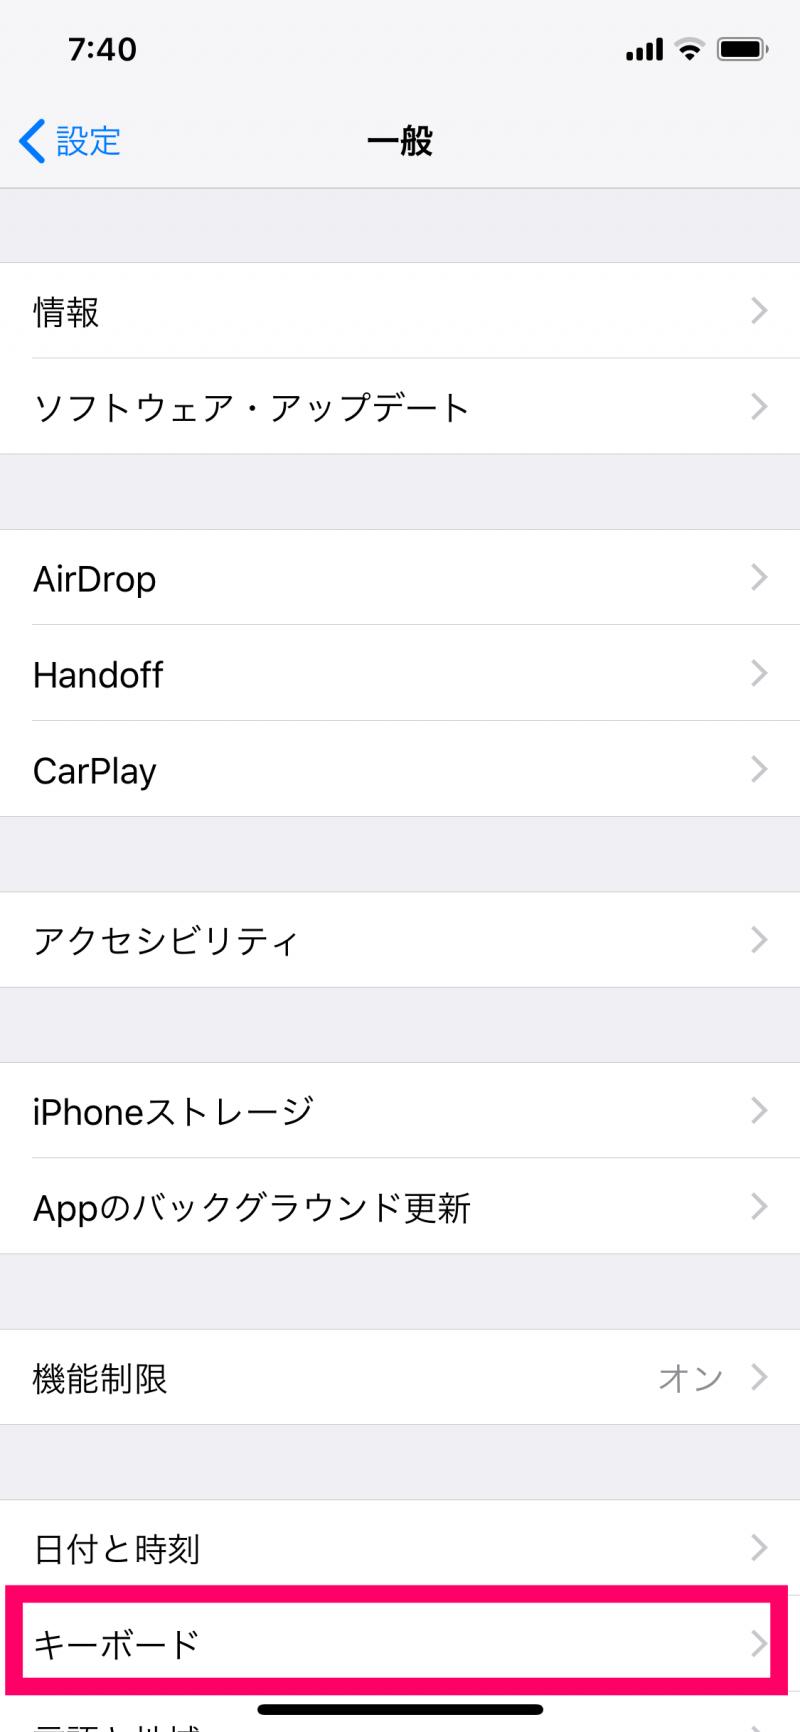 iPhoneでローマ字入力のやり方キーボード設定1